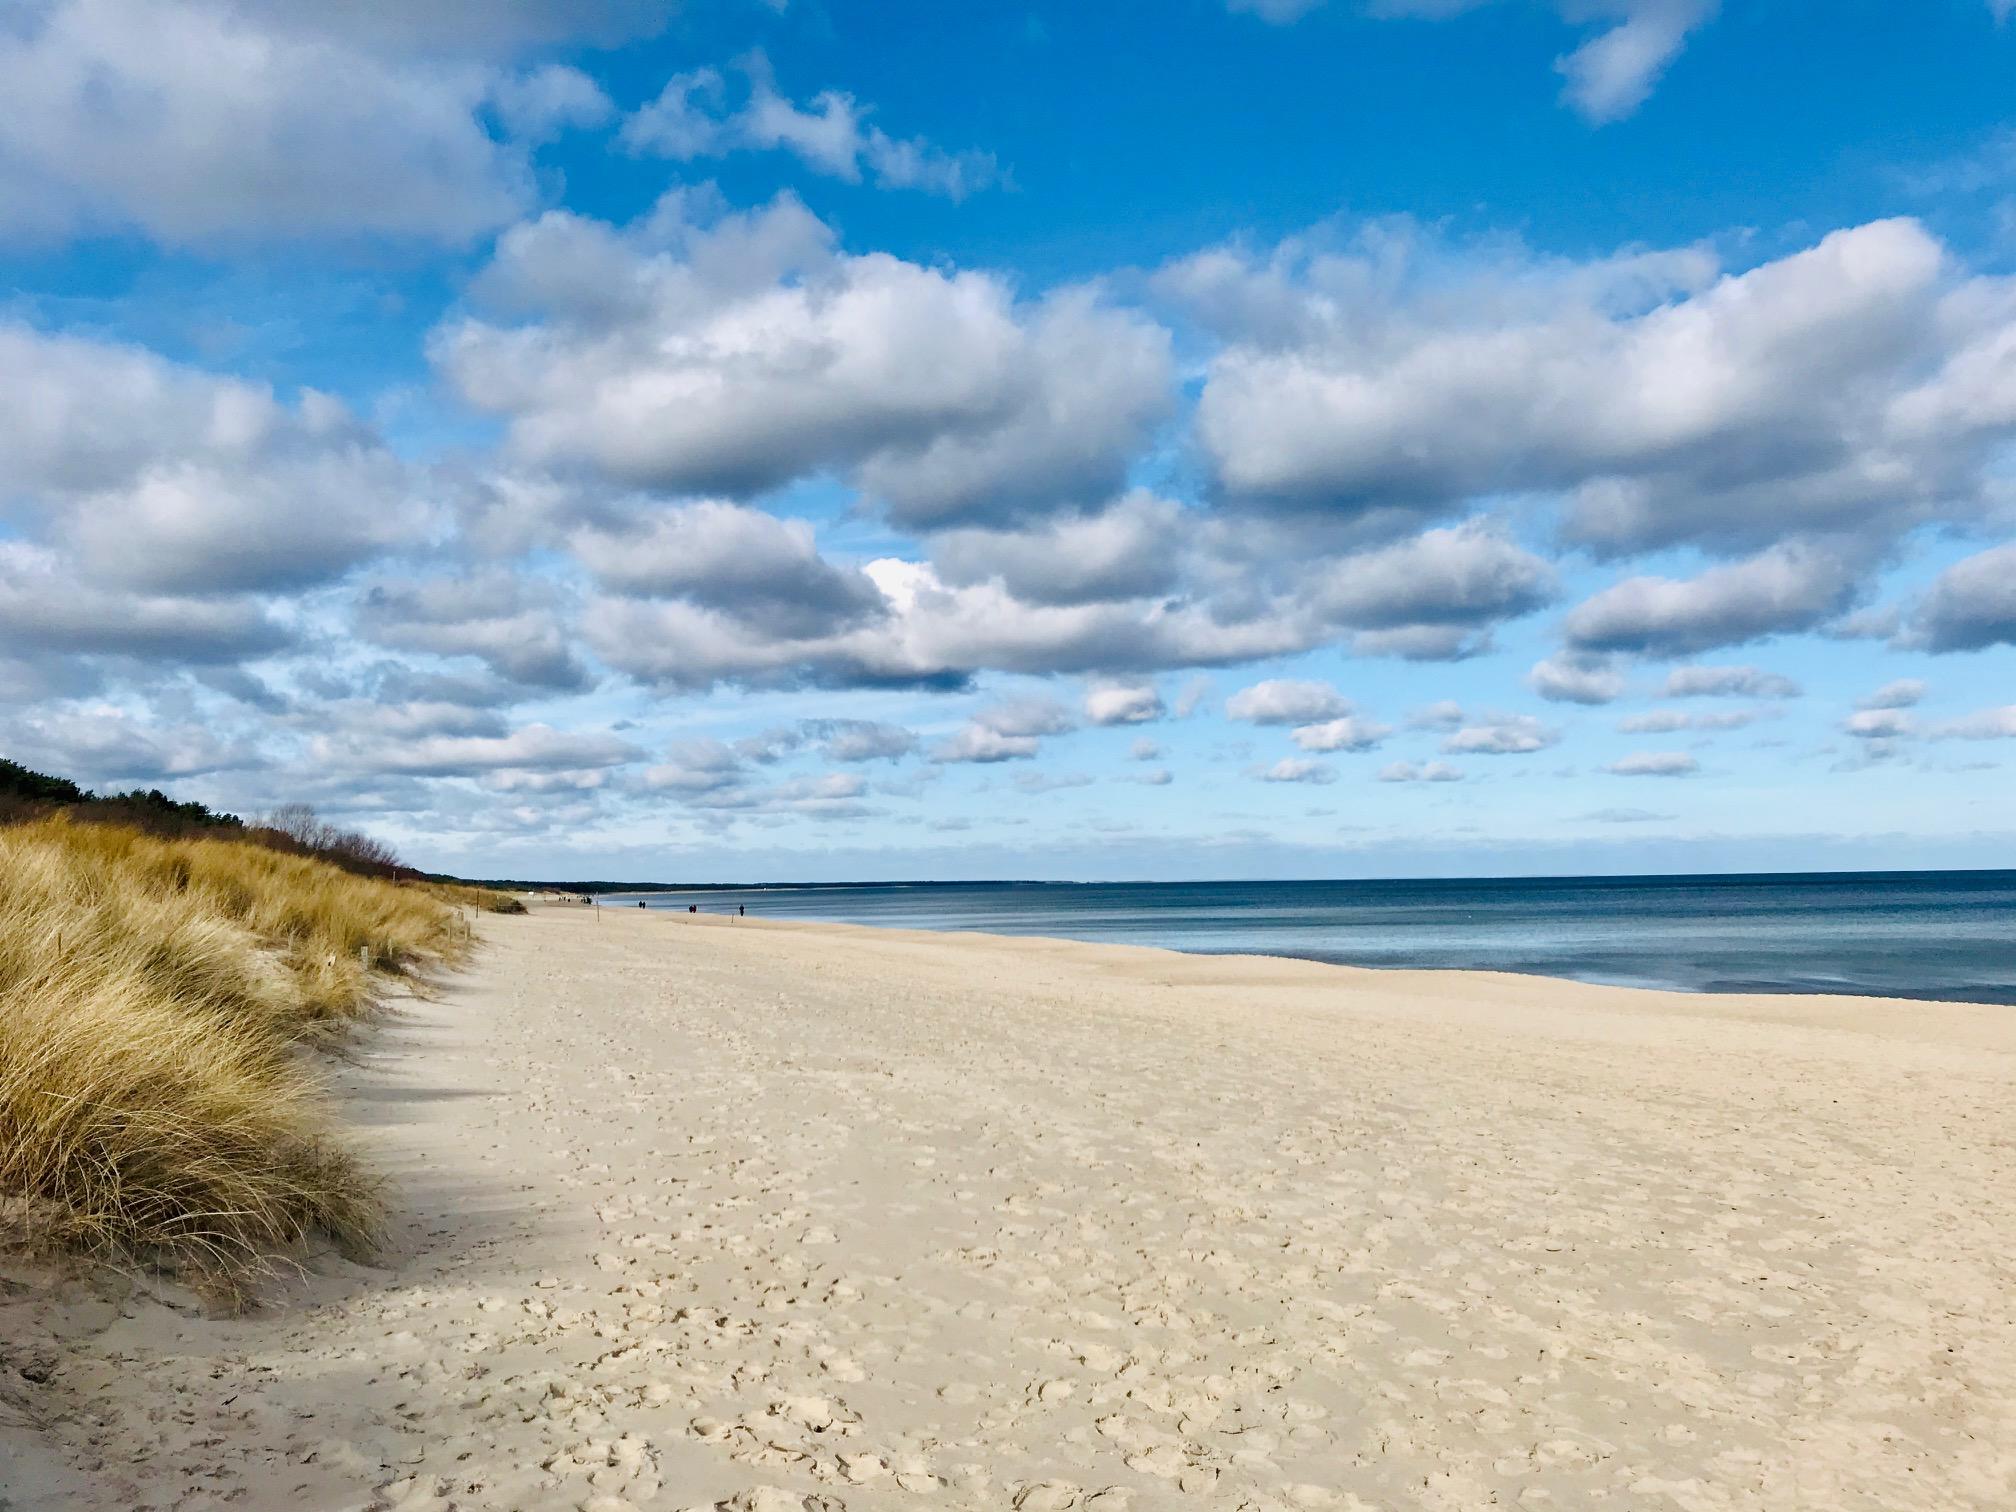 Feriendorf Strandkiefer – Urlaub an der Ostsee !